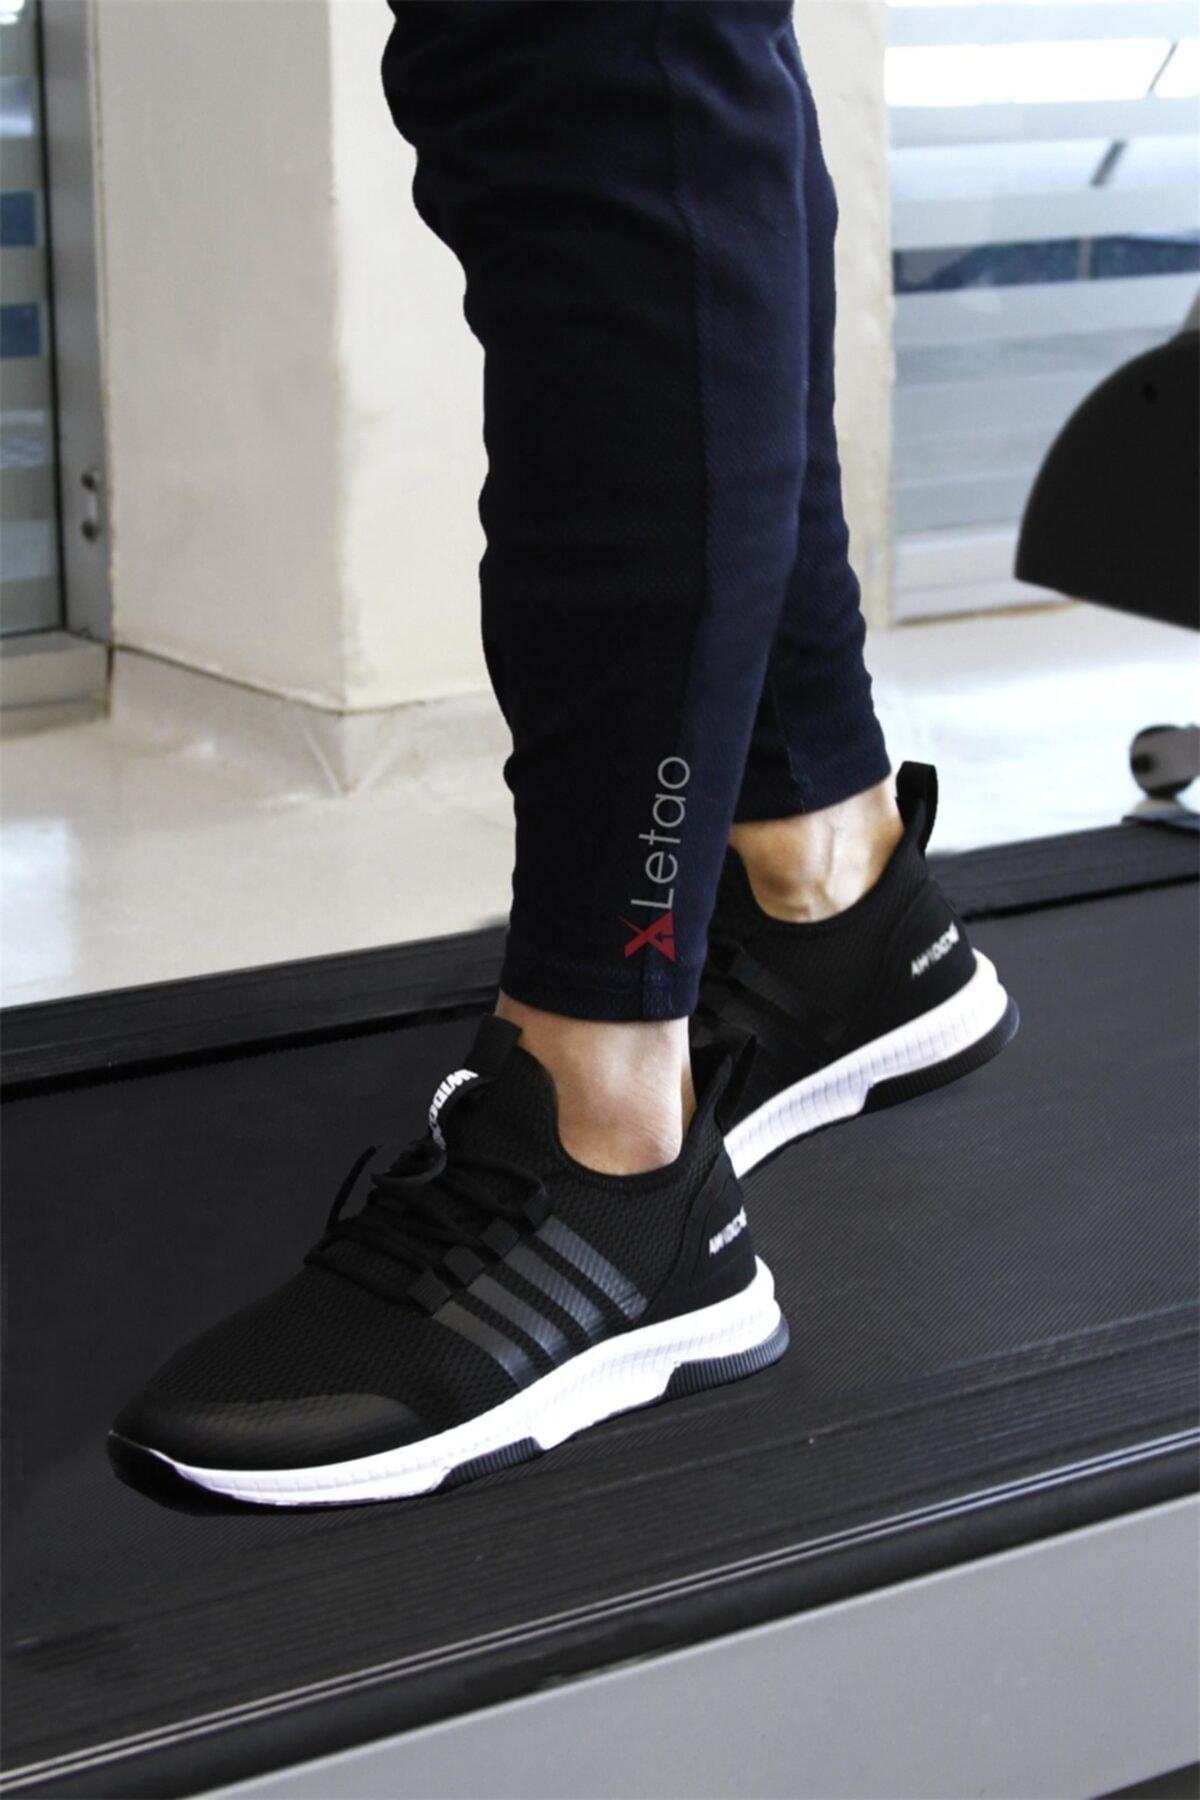 LETAO Unisex Hafif Günlük Spor Yürüyüş Sneaker Ayakkabı 2